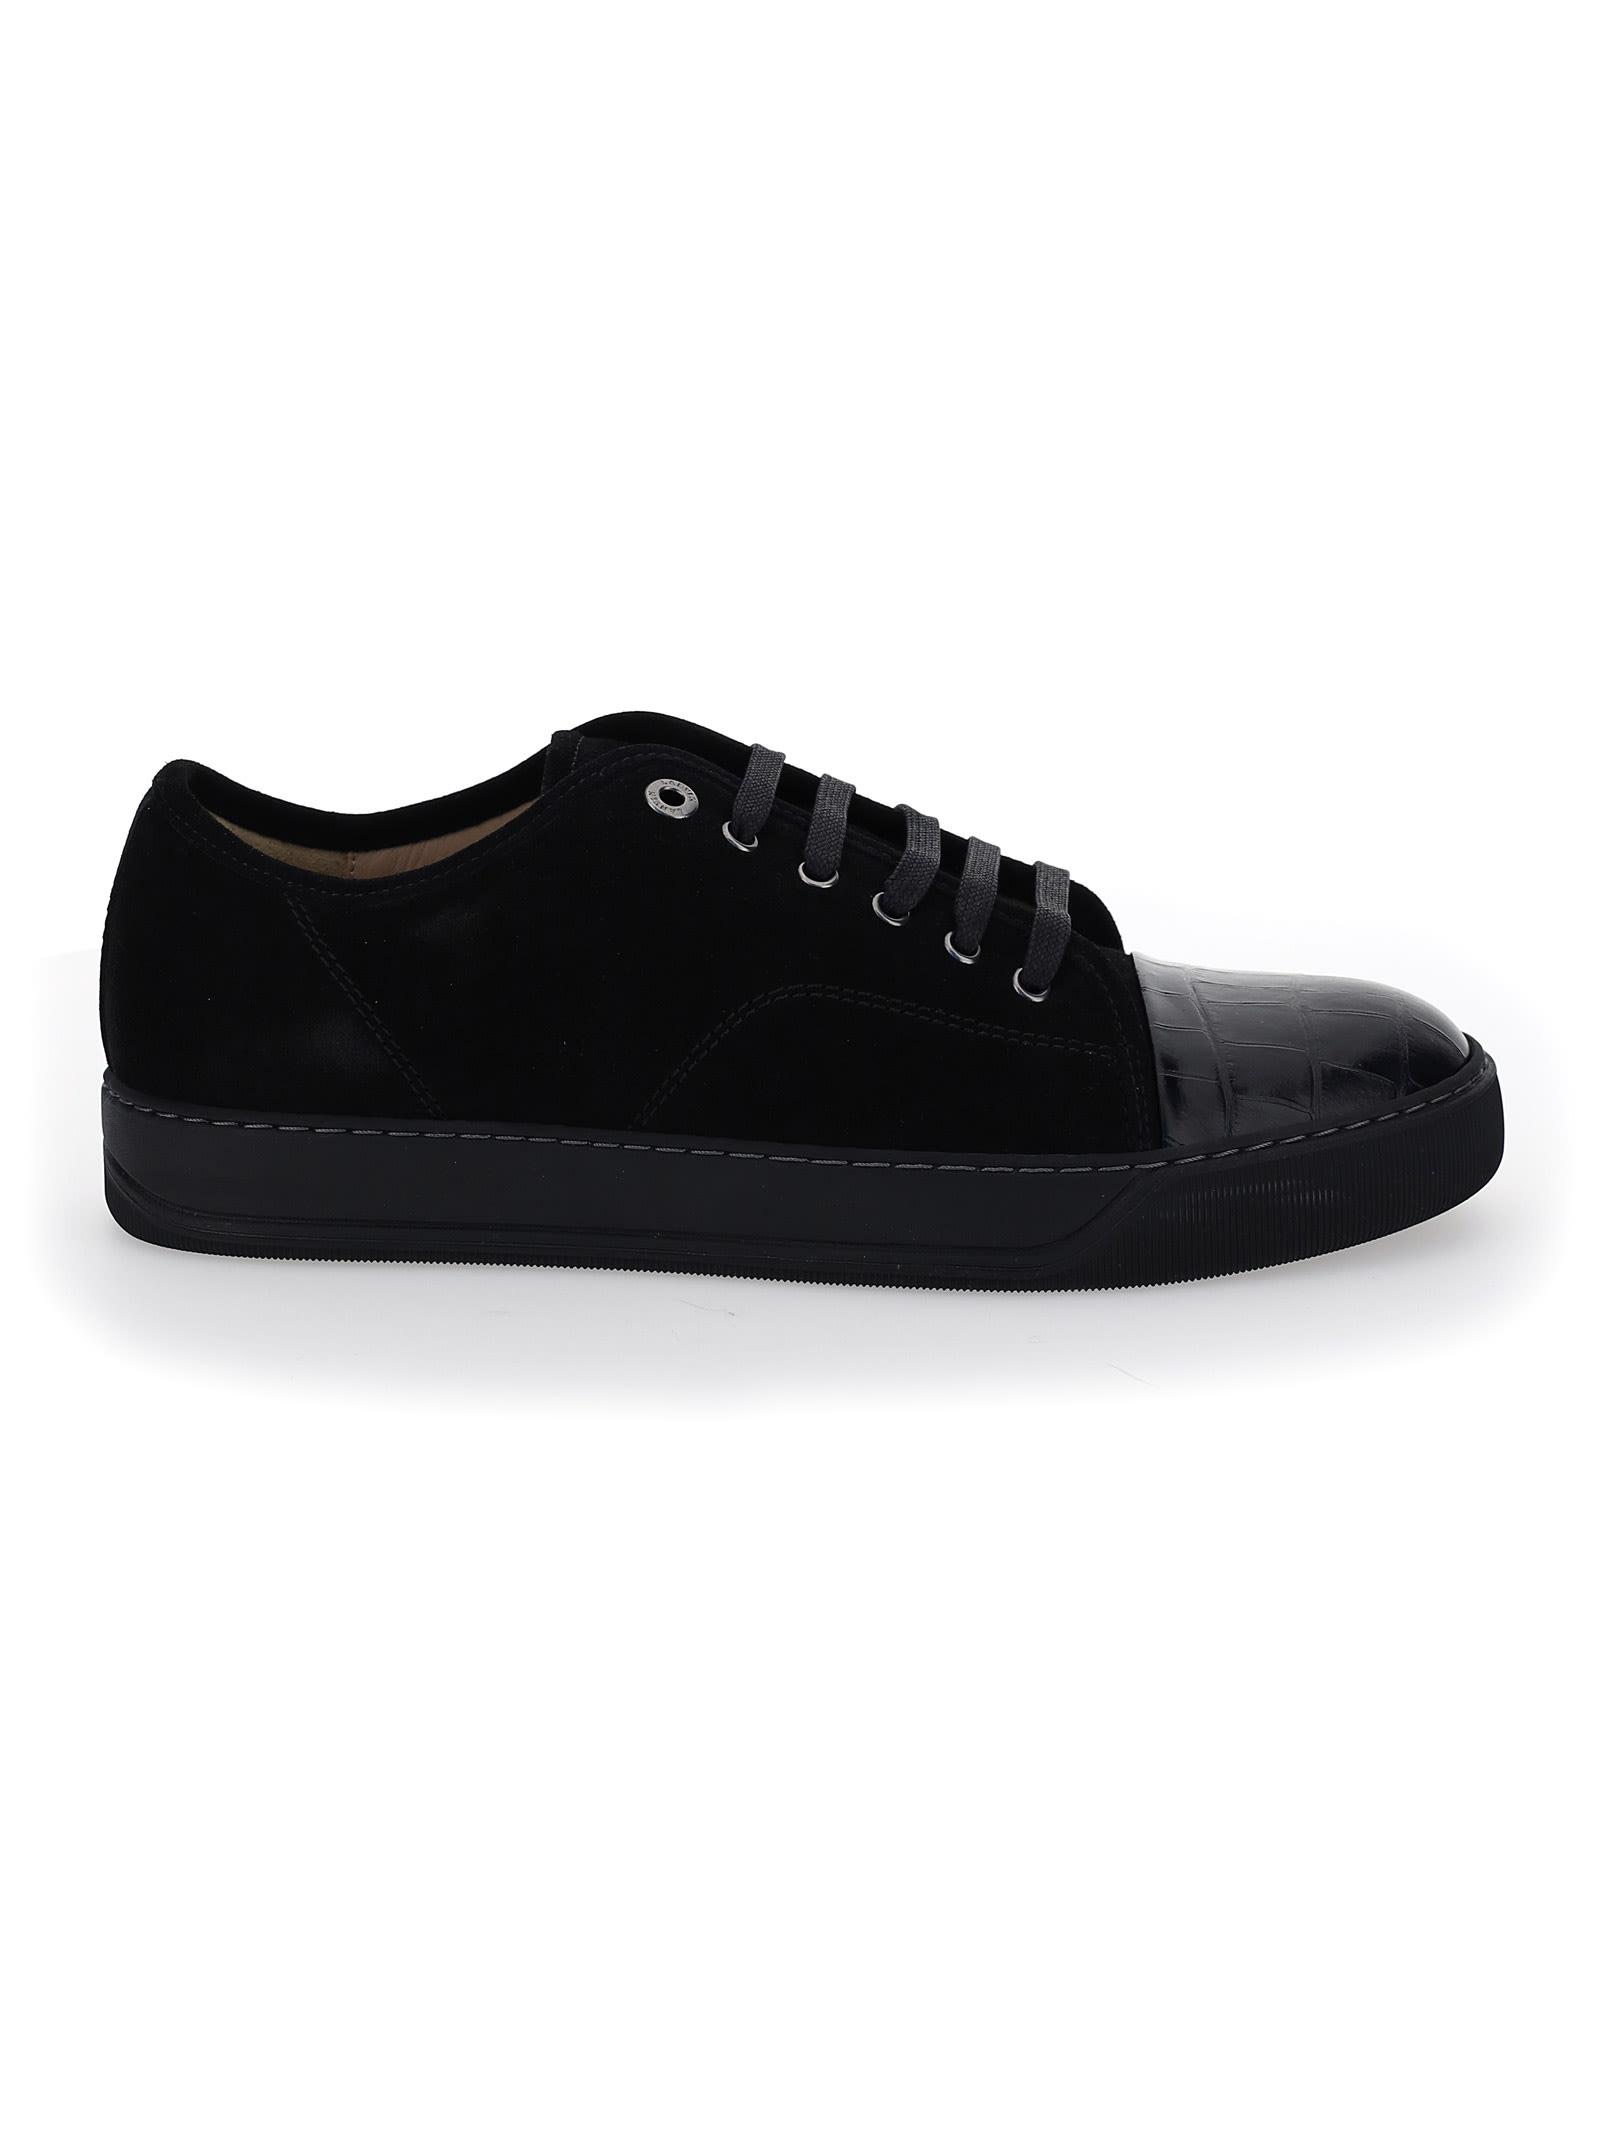 Lanvin Dbb1 Sneakers